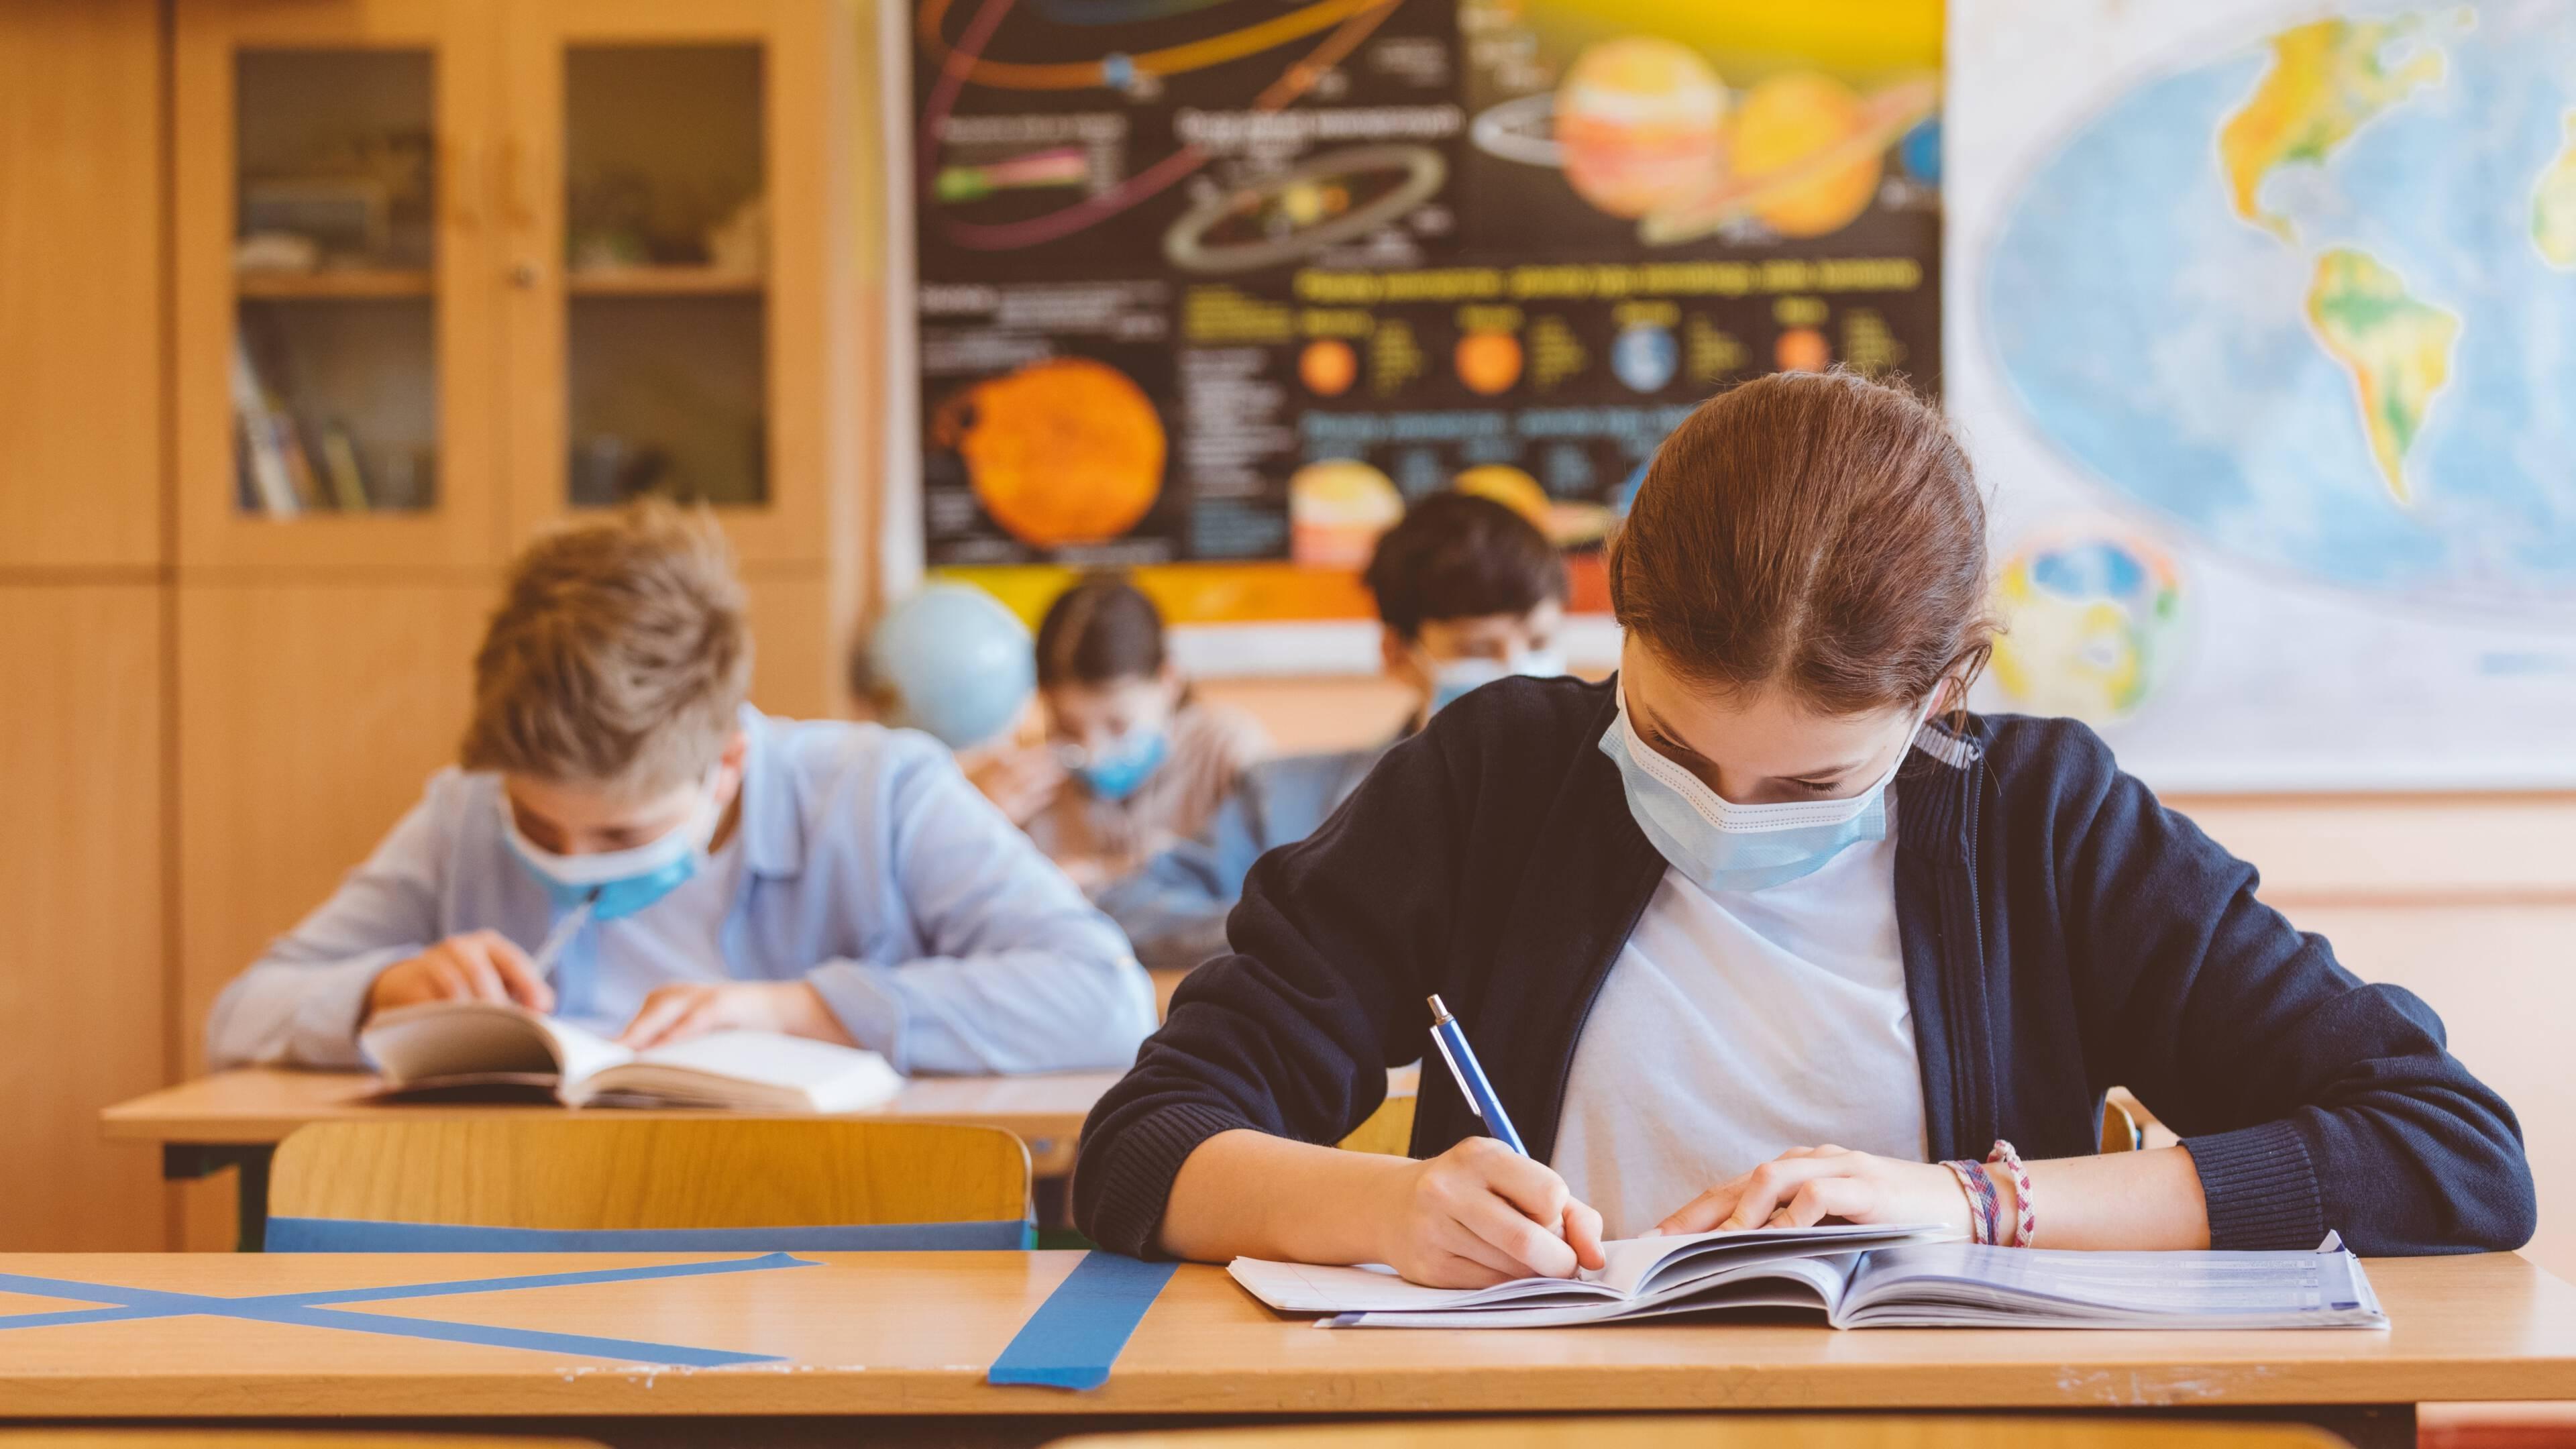 La UGR participa en un proyecto sobre prácticas de educación inclusivas en los centros de primaria y secundaria europeos